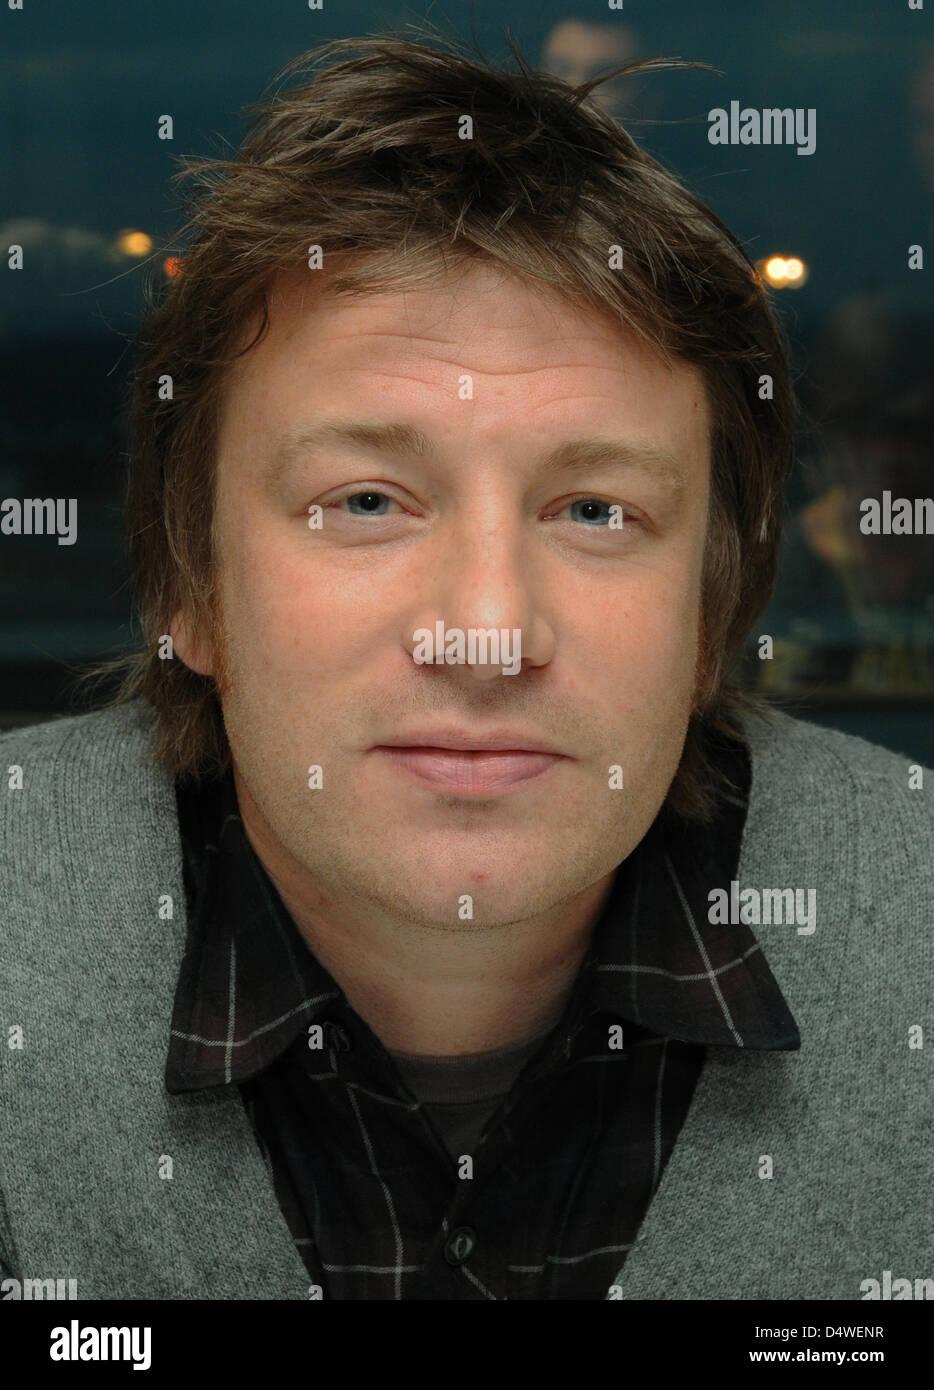 Der britische Fernseh-Koch Jamie Oliver posiert am Freitag (26.11.2010) em Düsseldorf bei einer Pressekonferenz. Imagens de Stock